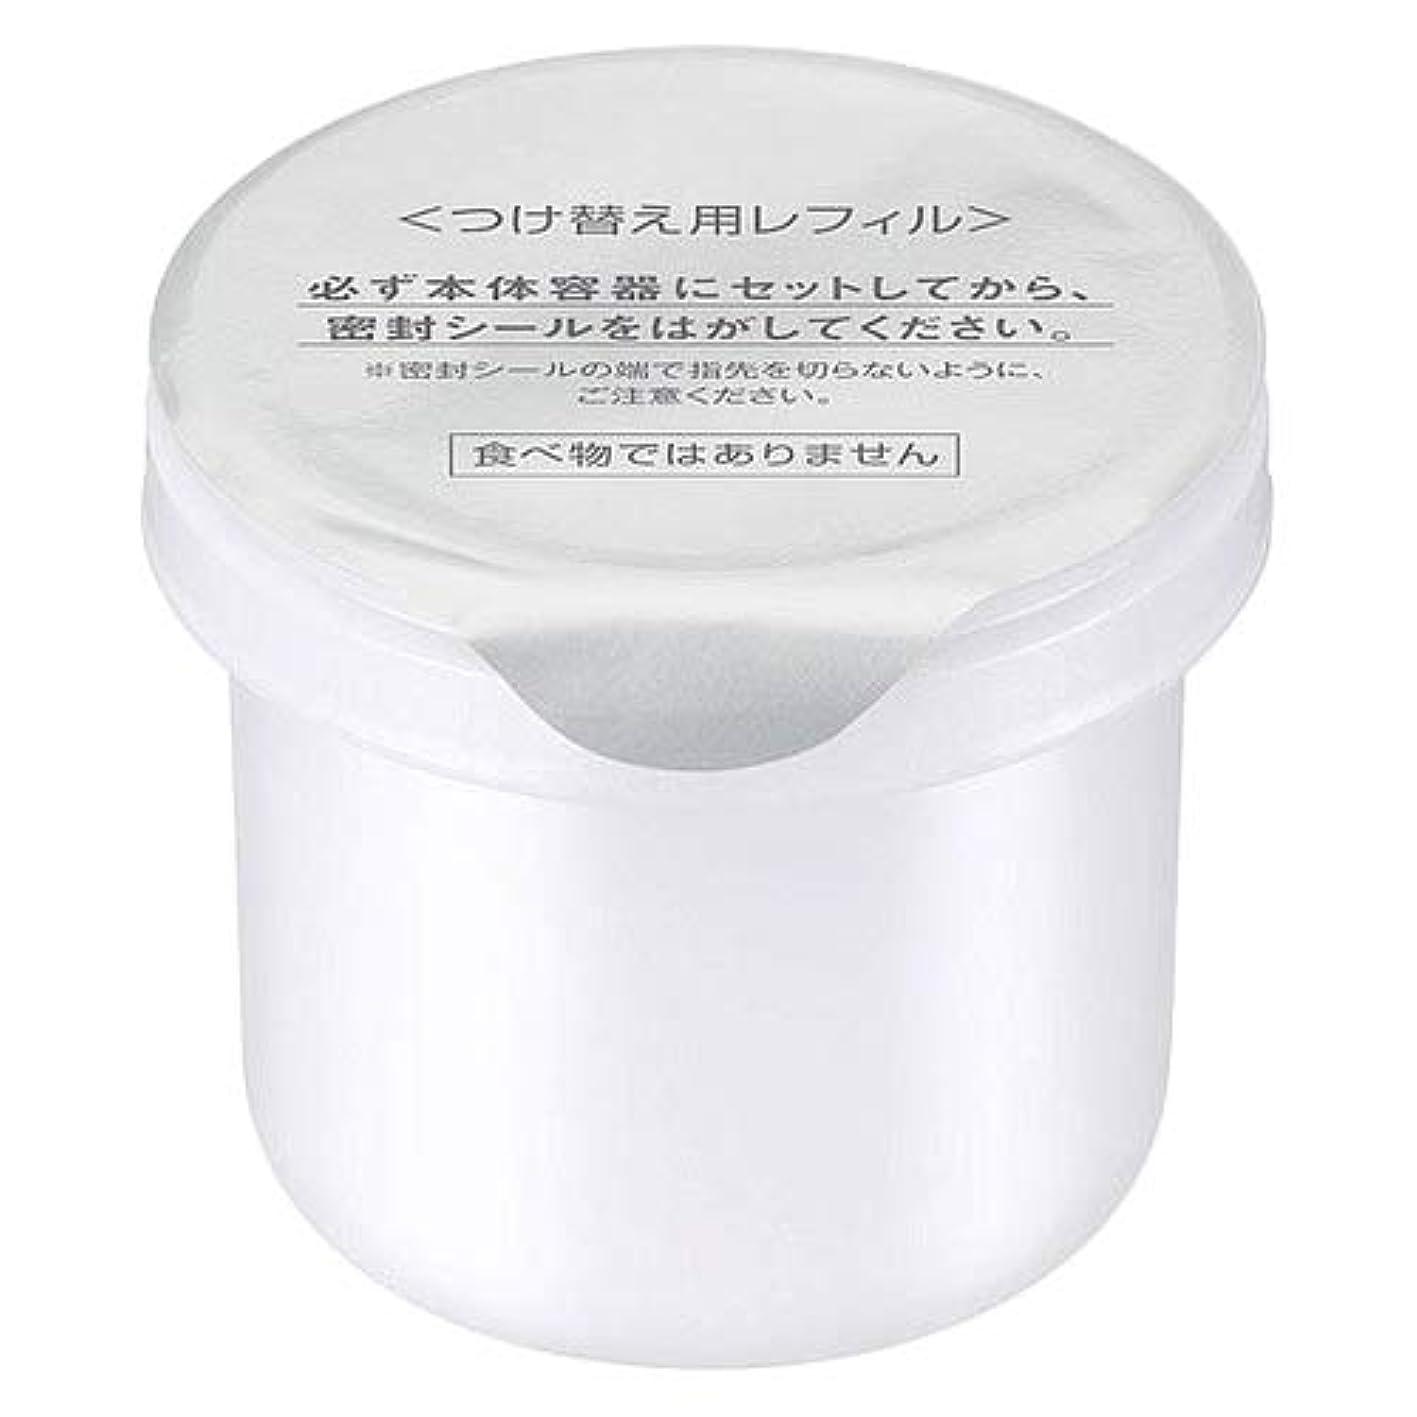 ダム森シャベルカネボウ デュウ KANEBO DEW ブライトニングクリーム (レフィル) 30g [並行輸入品]